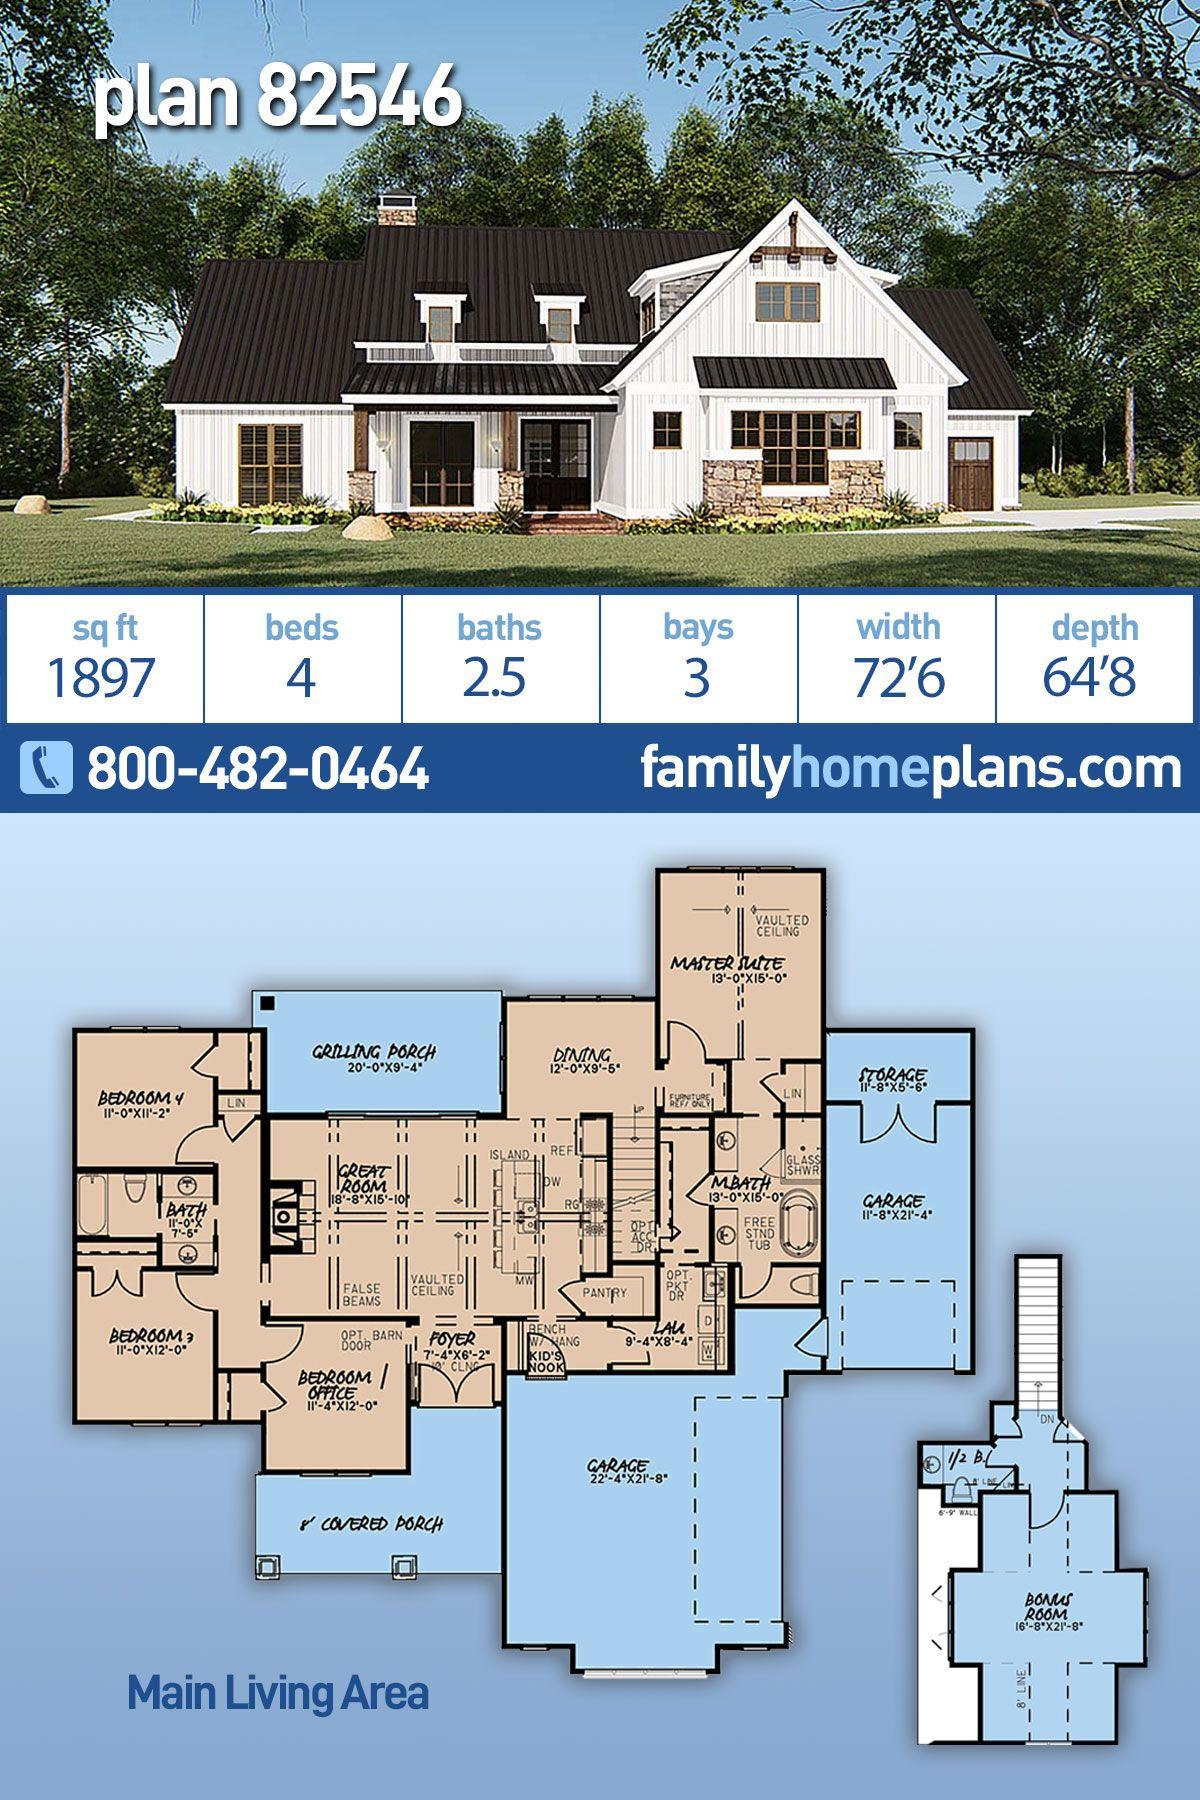 Farmhouse Style House Plan 82546 With 4 Bed 3 Bath 3 Car Garage House Plans Farmhouse Farmhouse Style House Farmhouse Plans